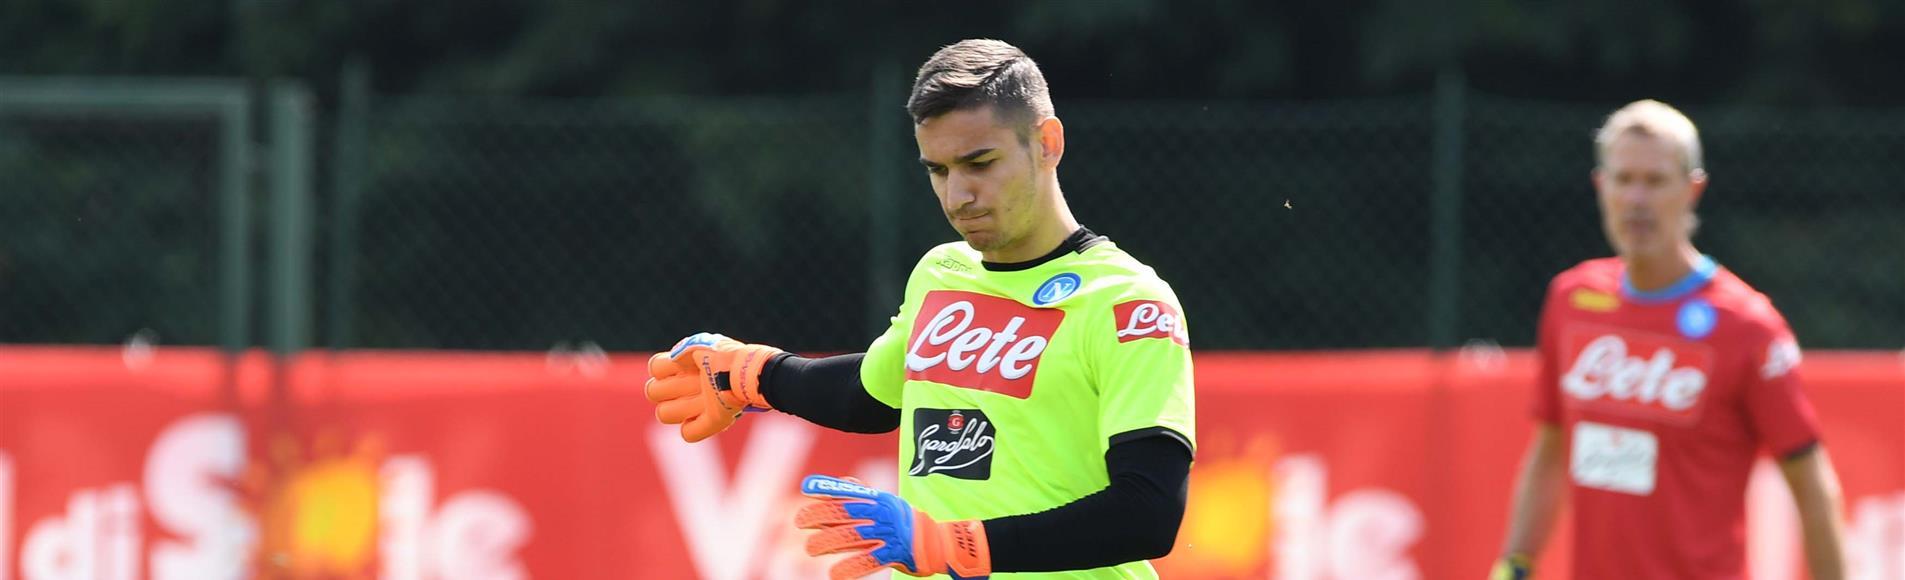 Napoli, Meret ha riportato la frattura del terzo medio dell'ulna sinistra in uno scontro di gioco. Rischia un mese di stop